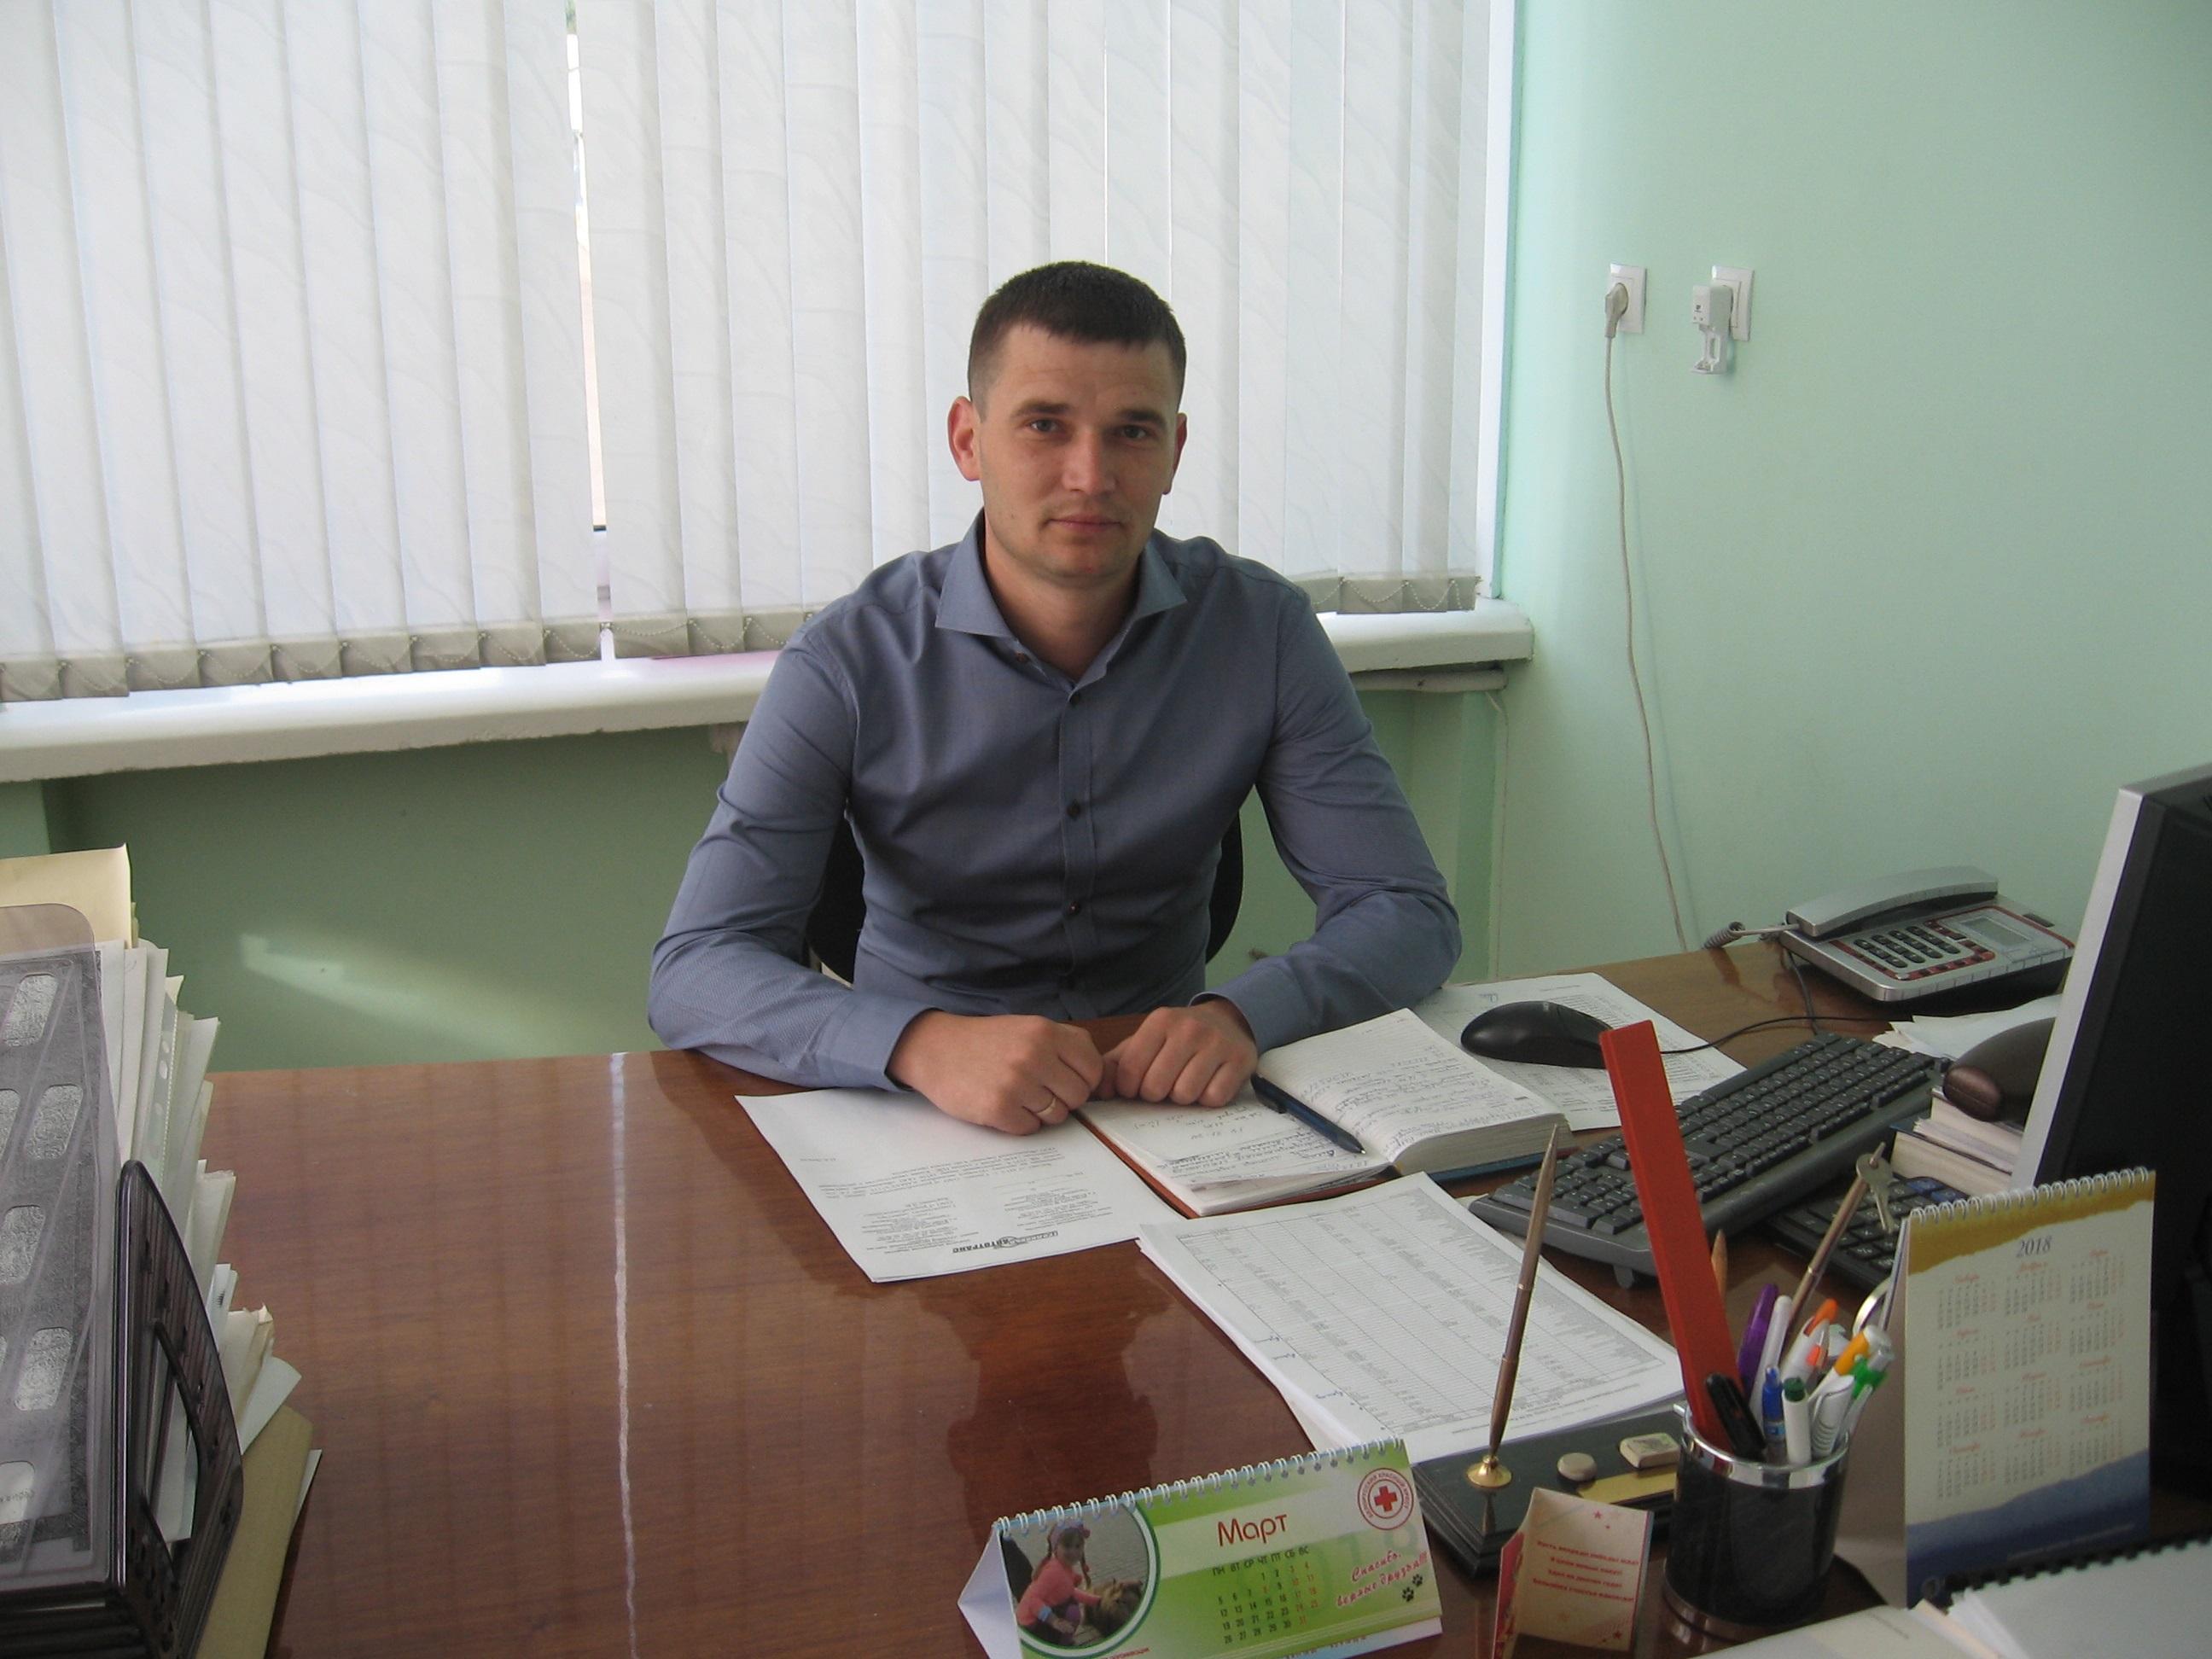 Мисюк Андрей Викторович